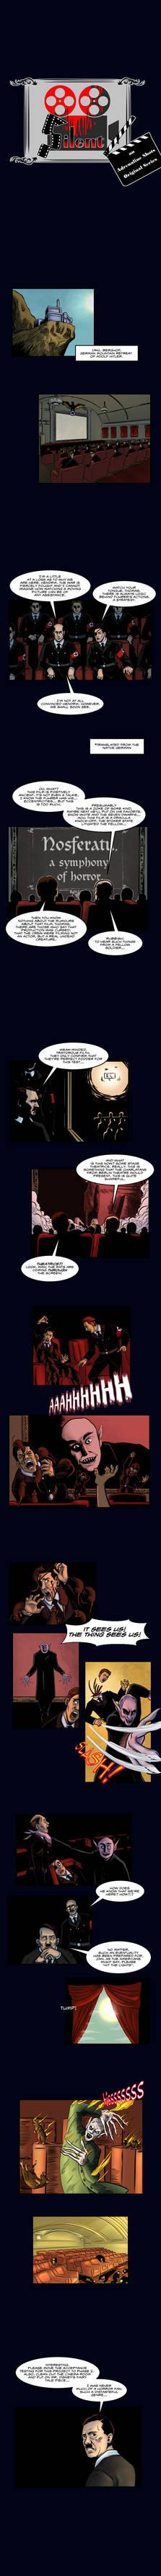 Silent -  New Horror Webcomic